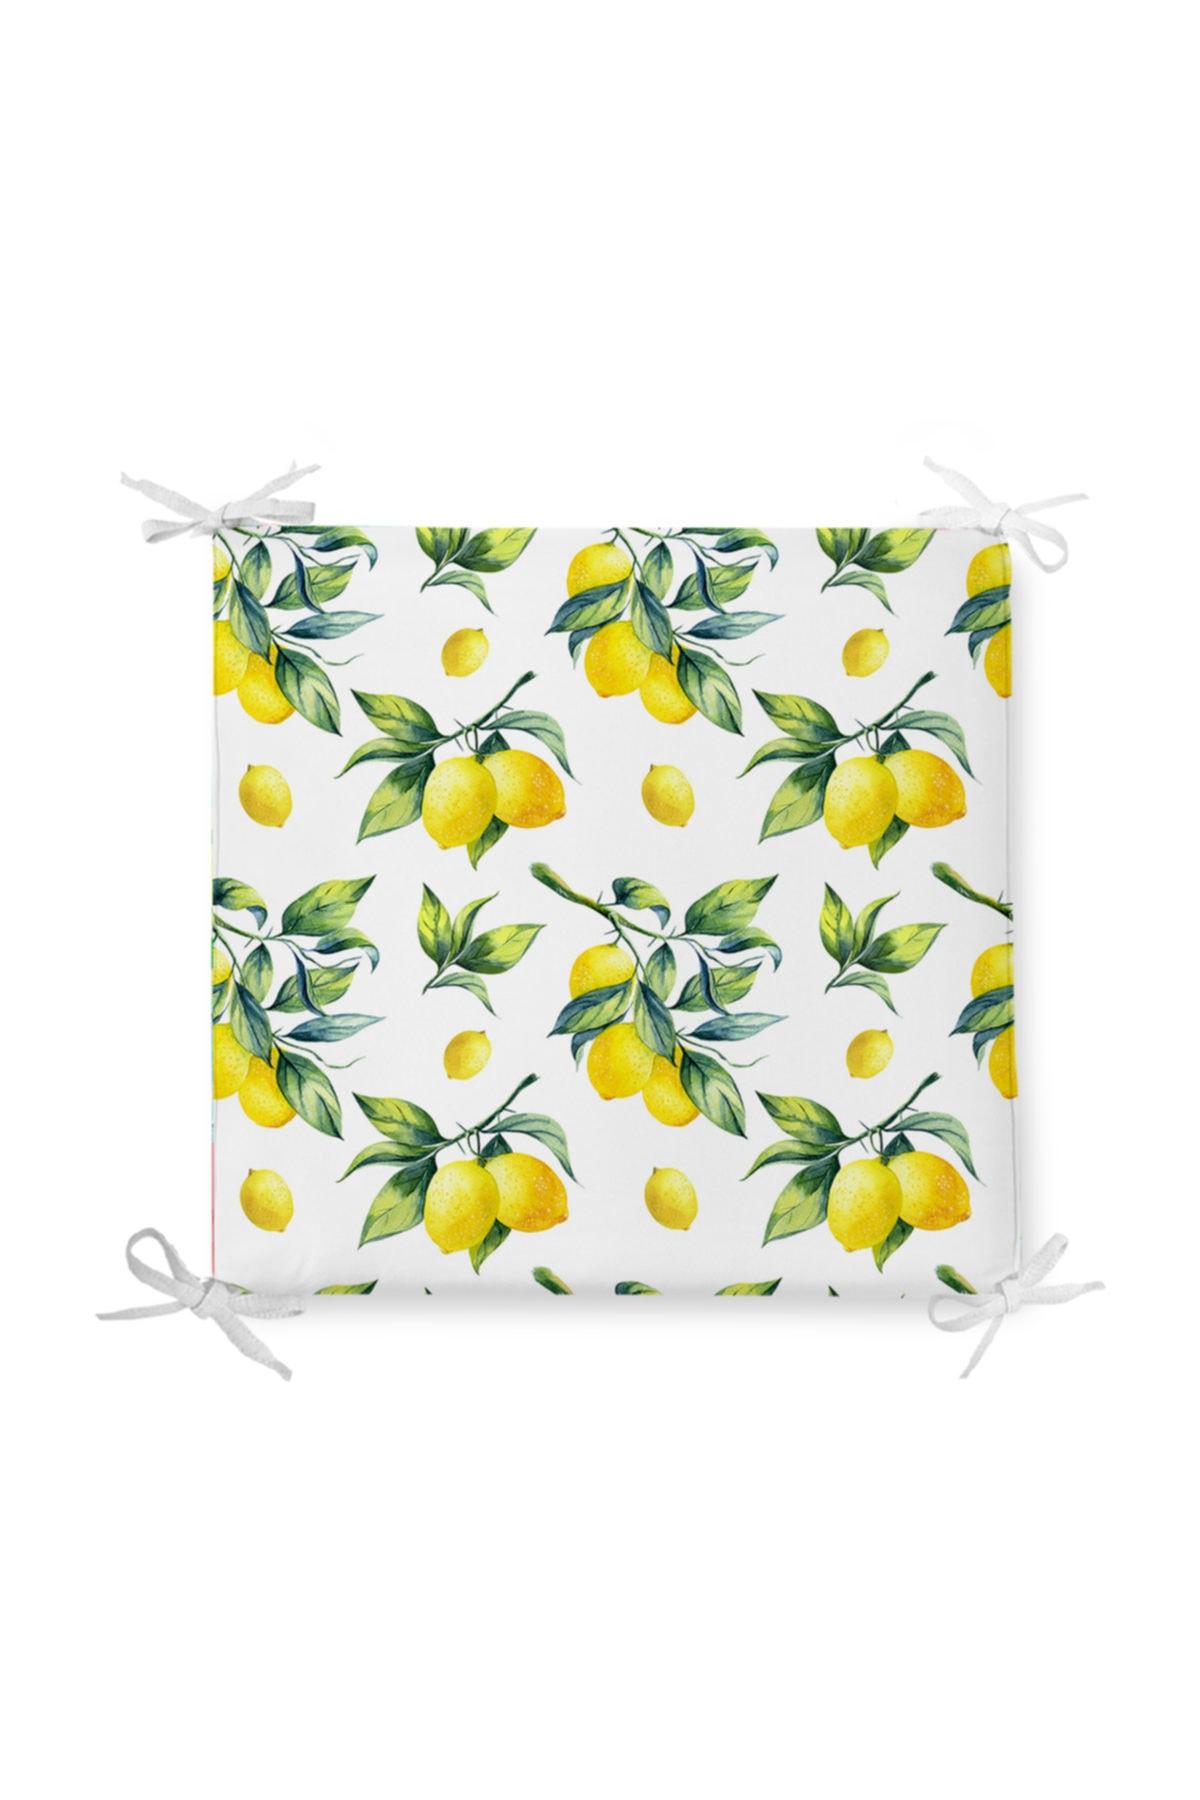 Beyaz Zeminde Limon Desenli 3d Dekoratif Fermuarlı Sandalye Minderi